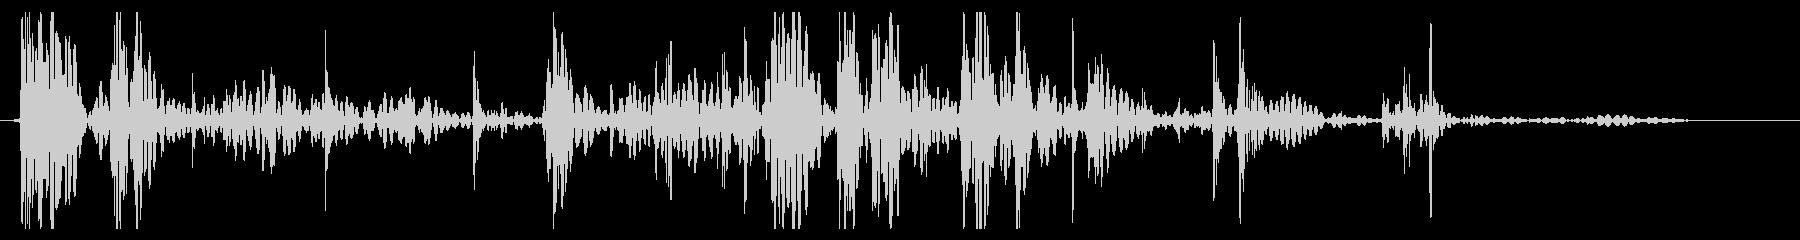 ミディアムボールダー:ロールオフパ...の未再生の波形